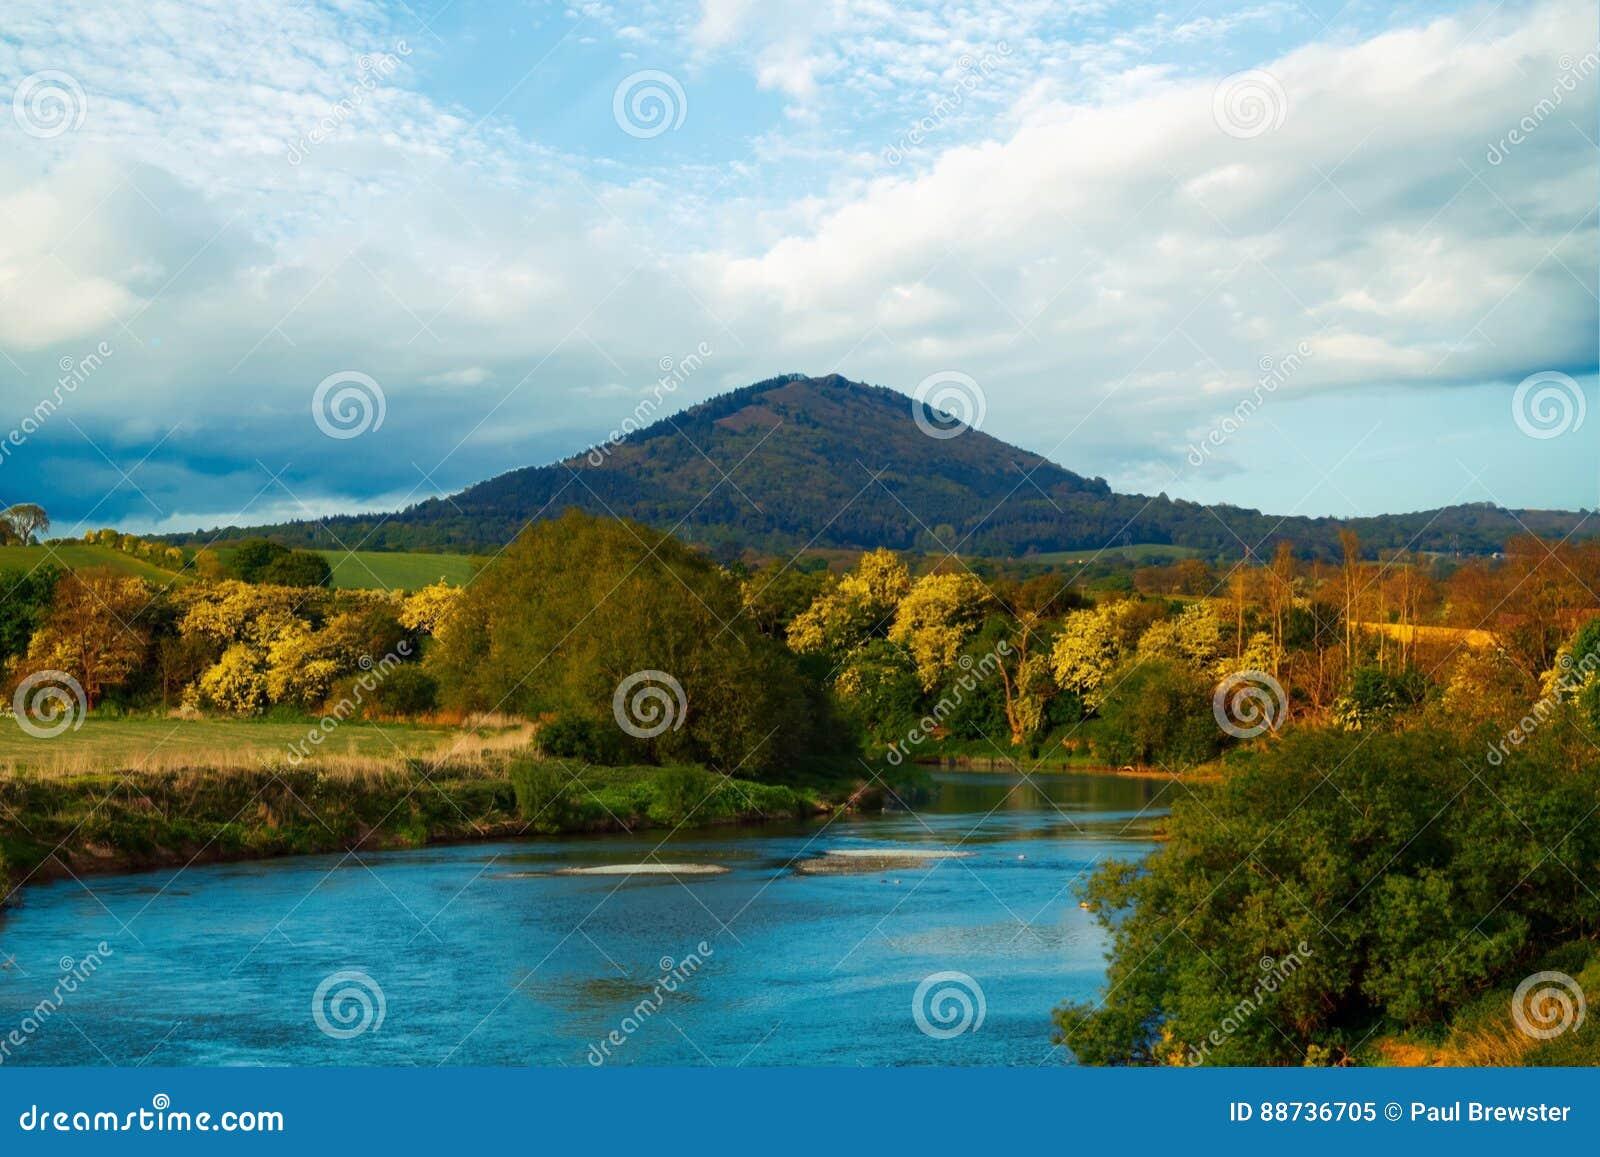 The Wrekin hill